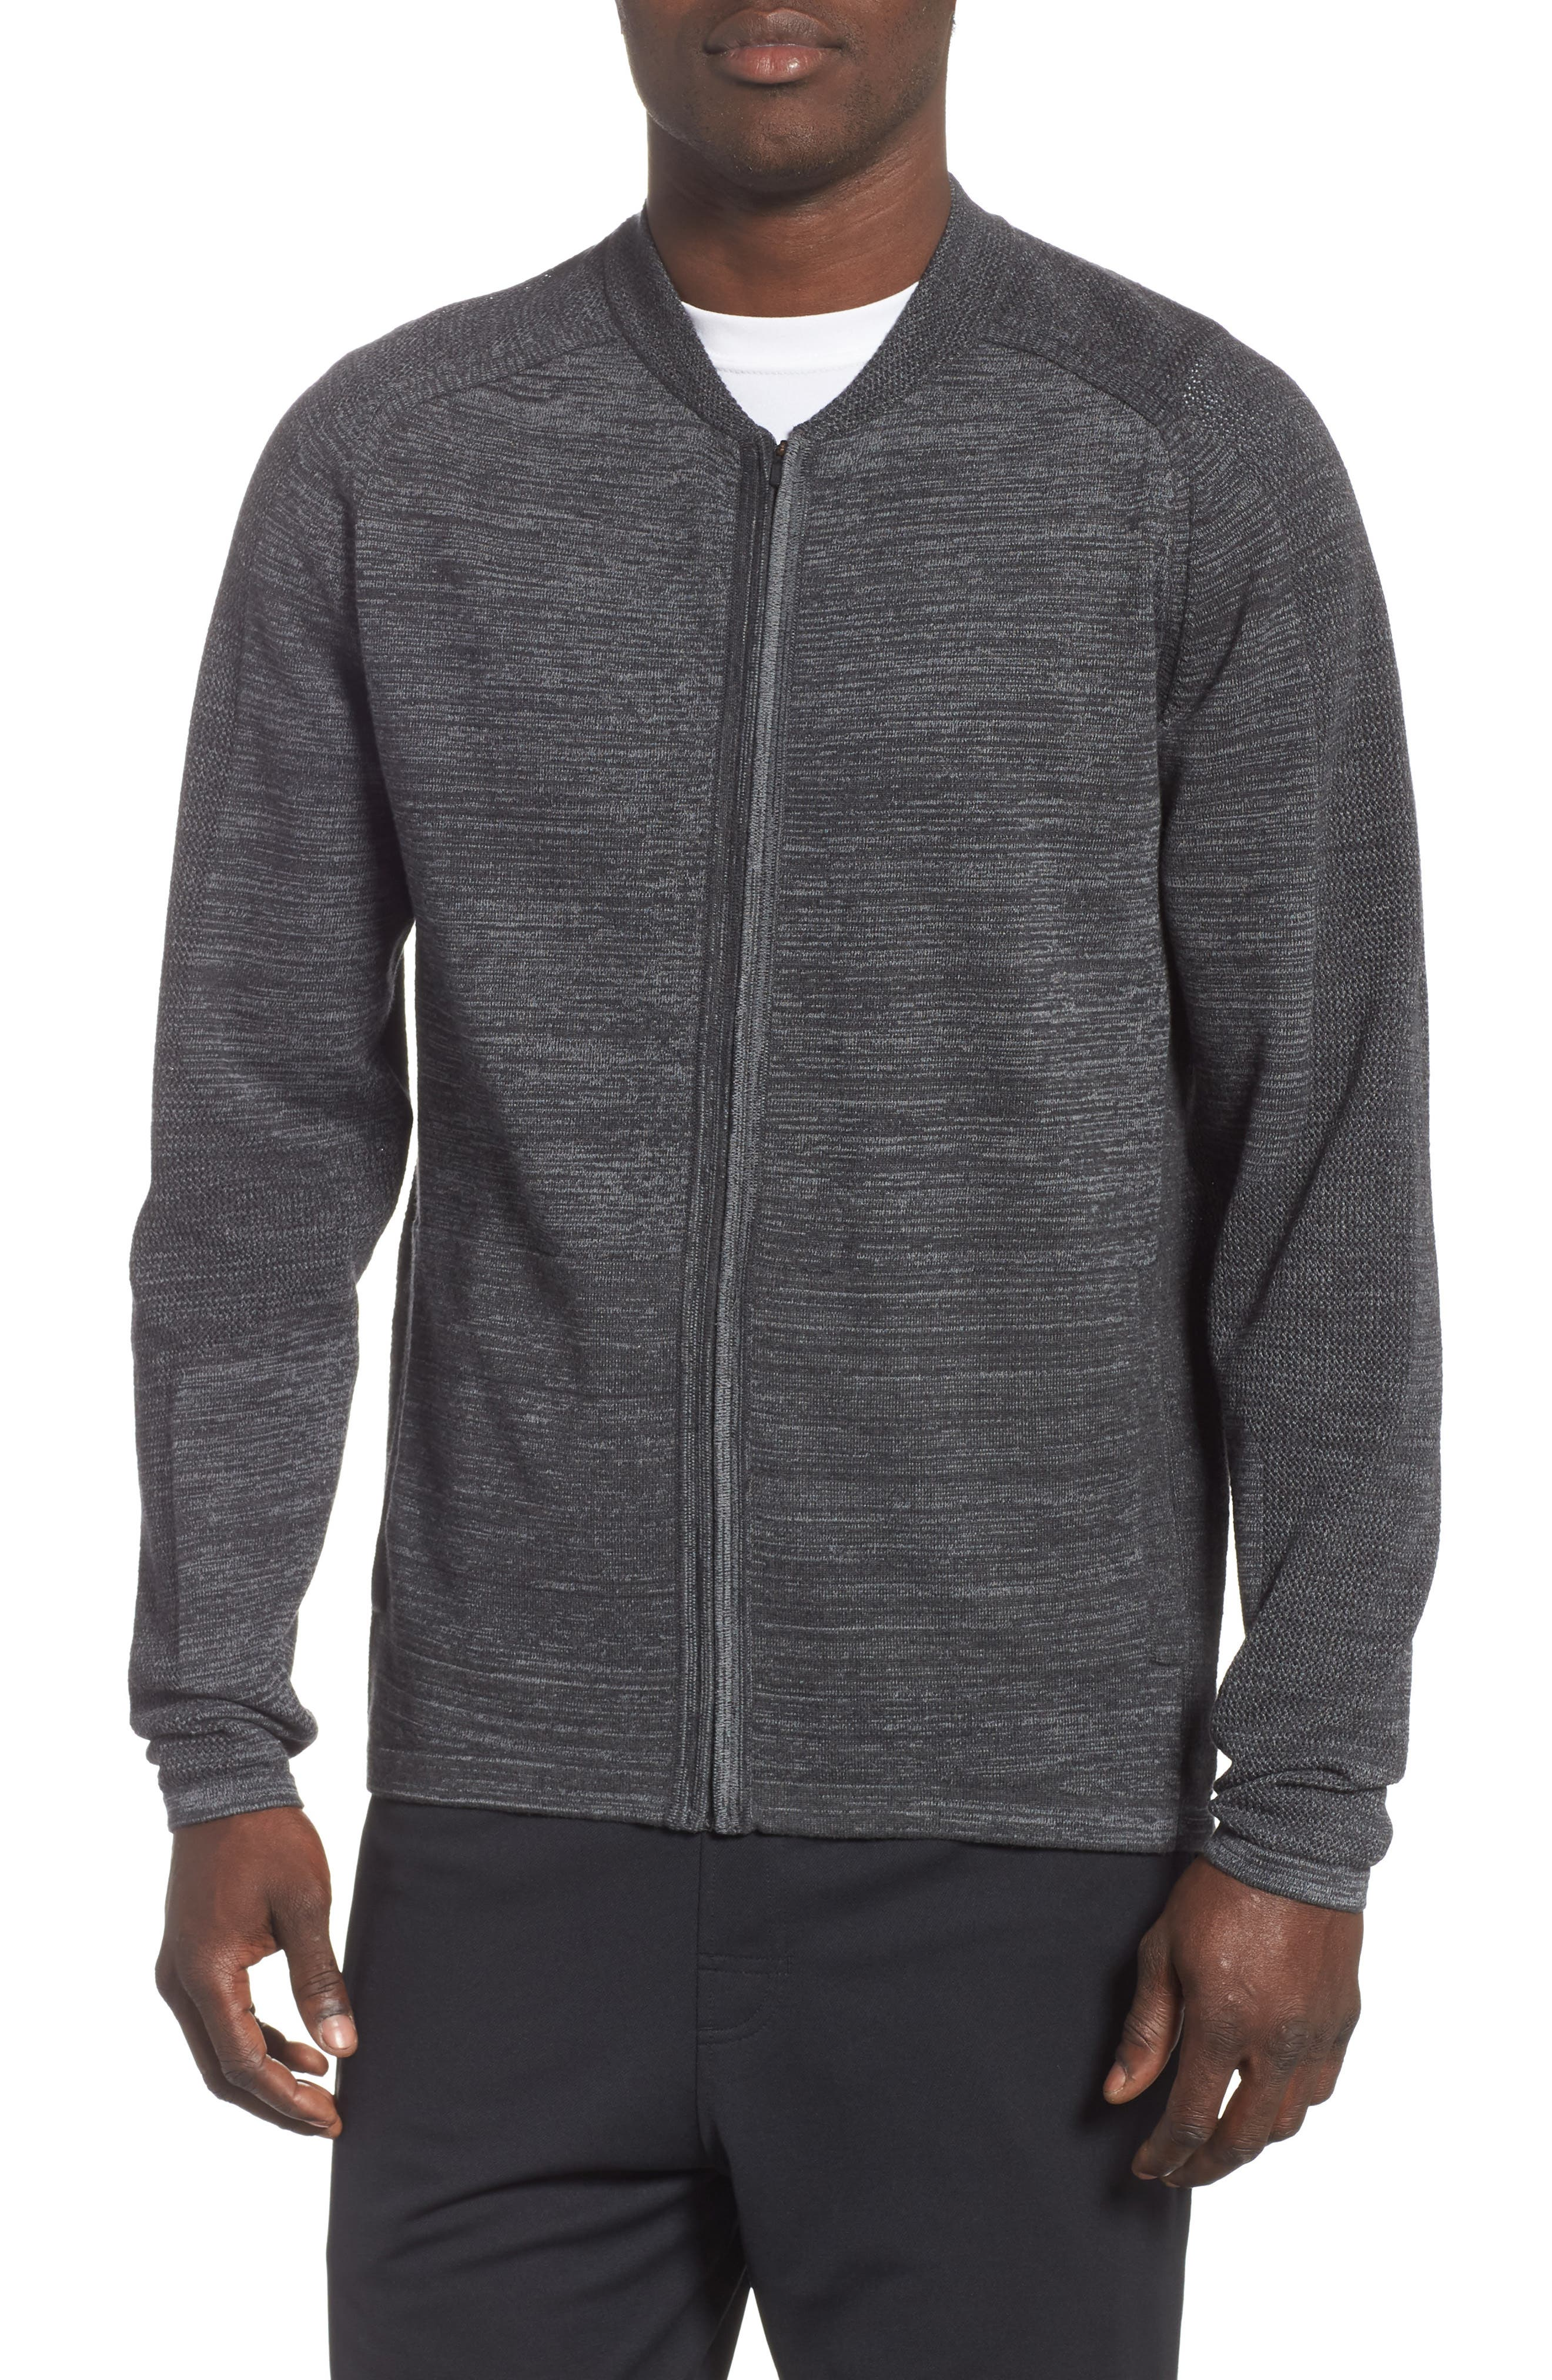 Tech Sweater Baseball Jacket,                             Main thumbnail 1, color,                             BLACK OXIDE SPACEDYE